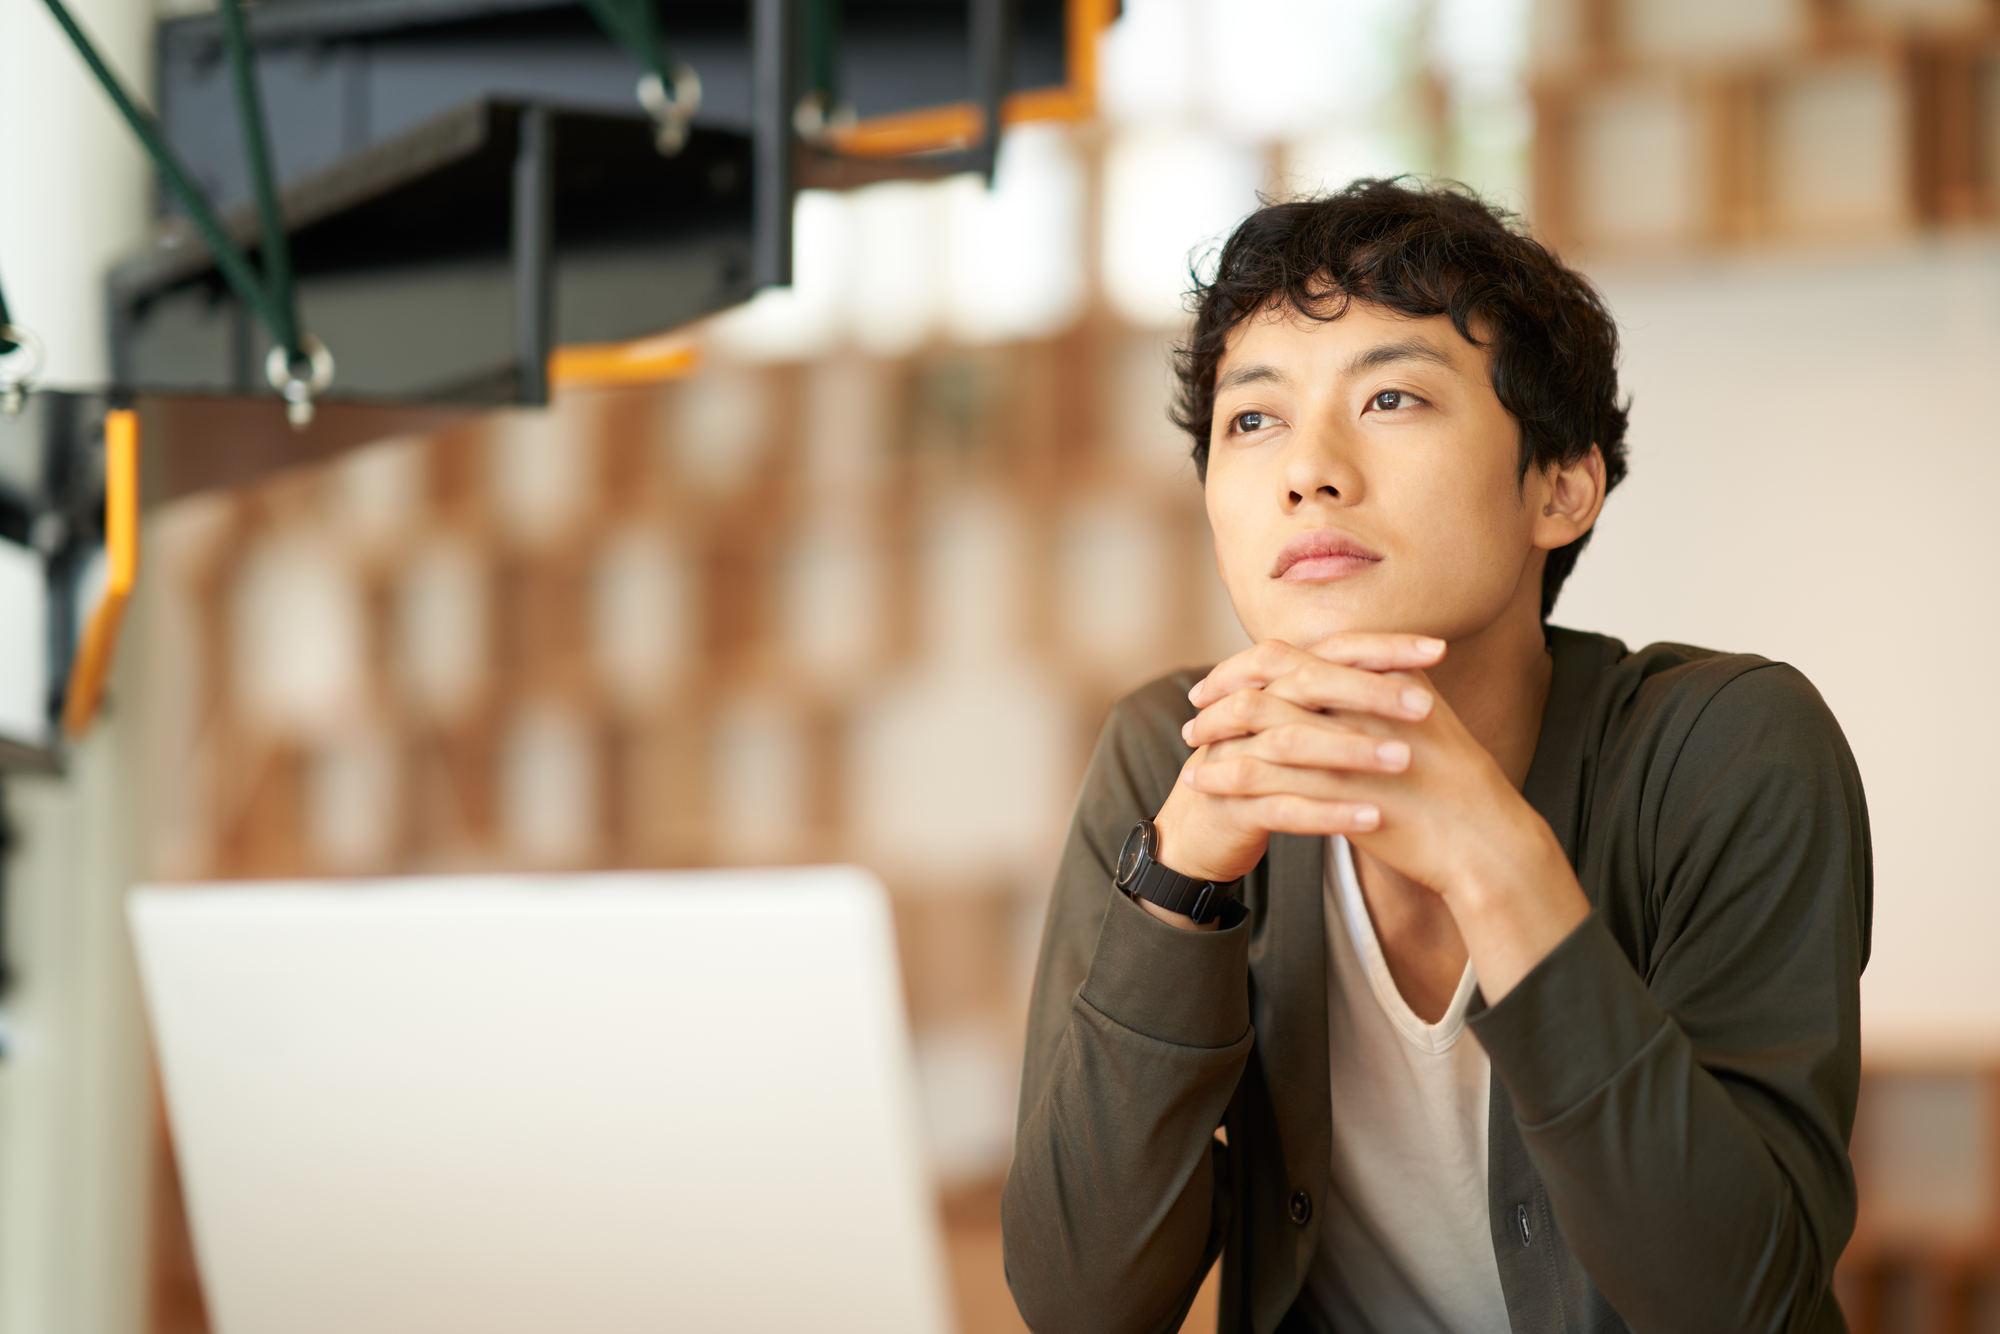 パソコンの前で考え事をしている男性